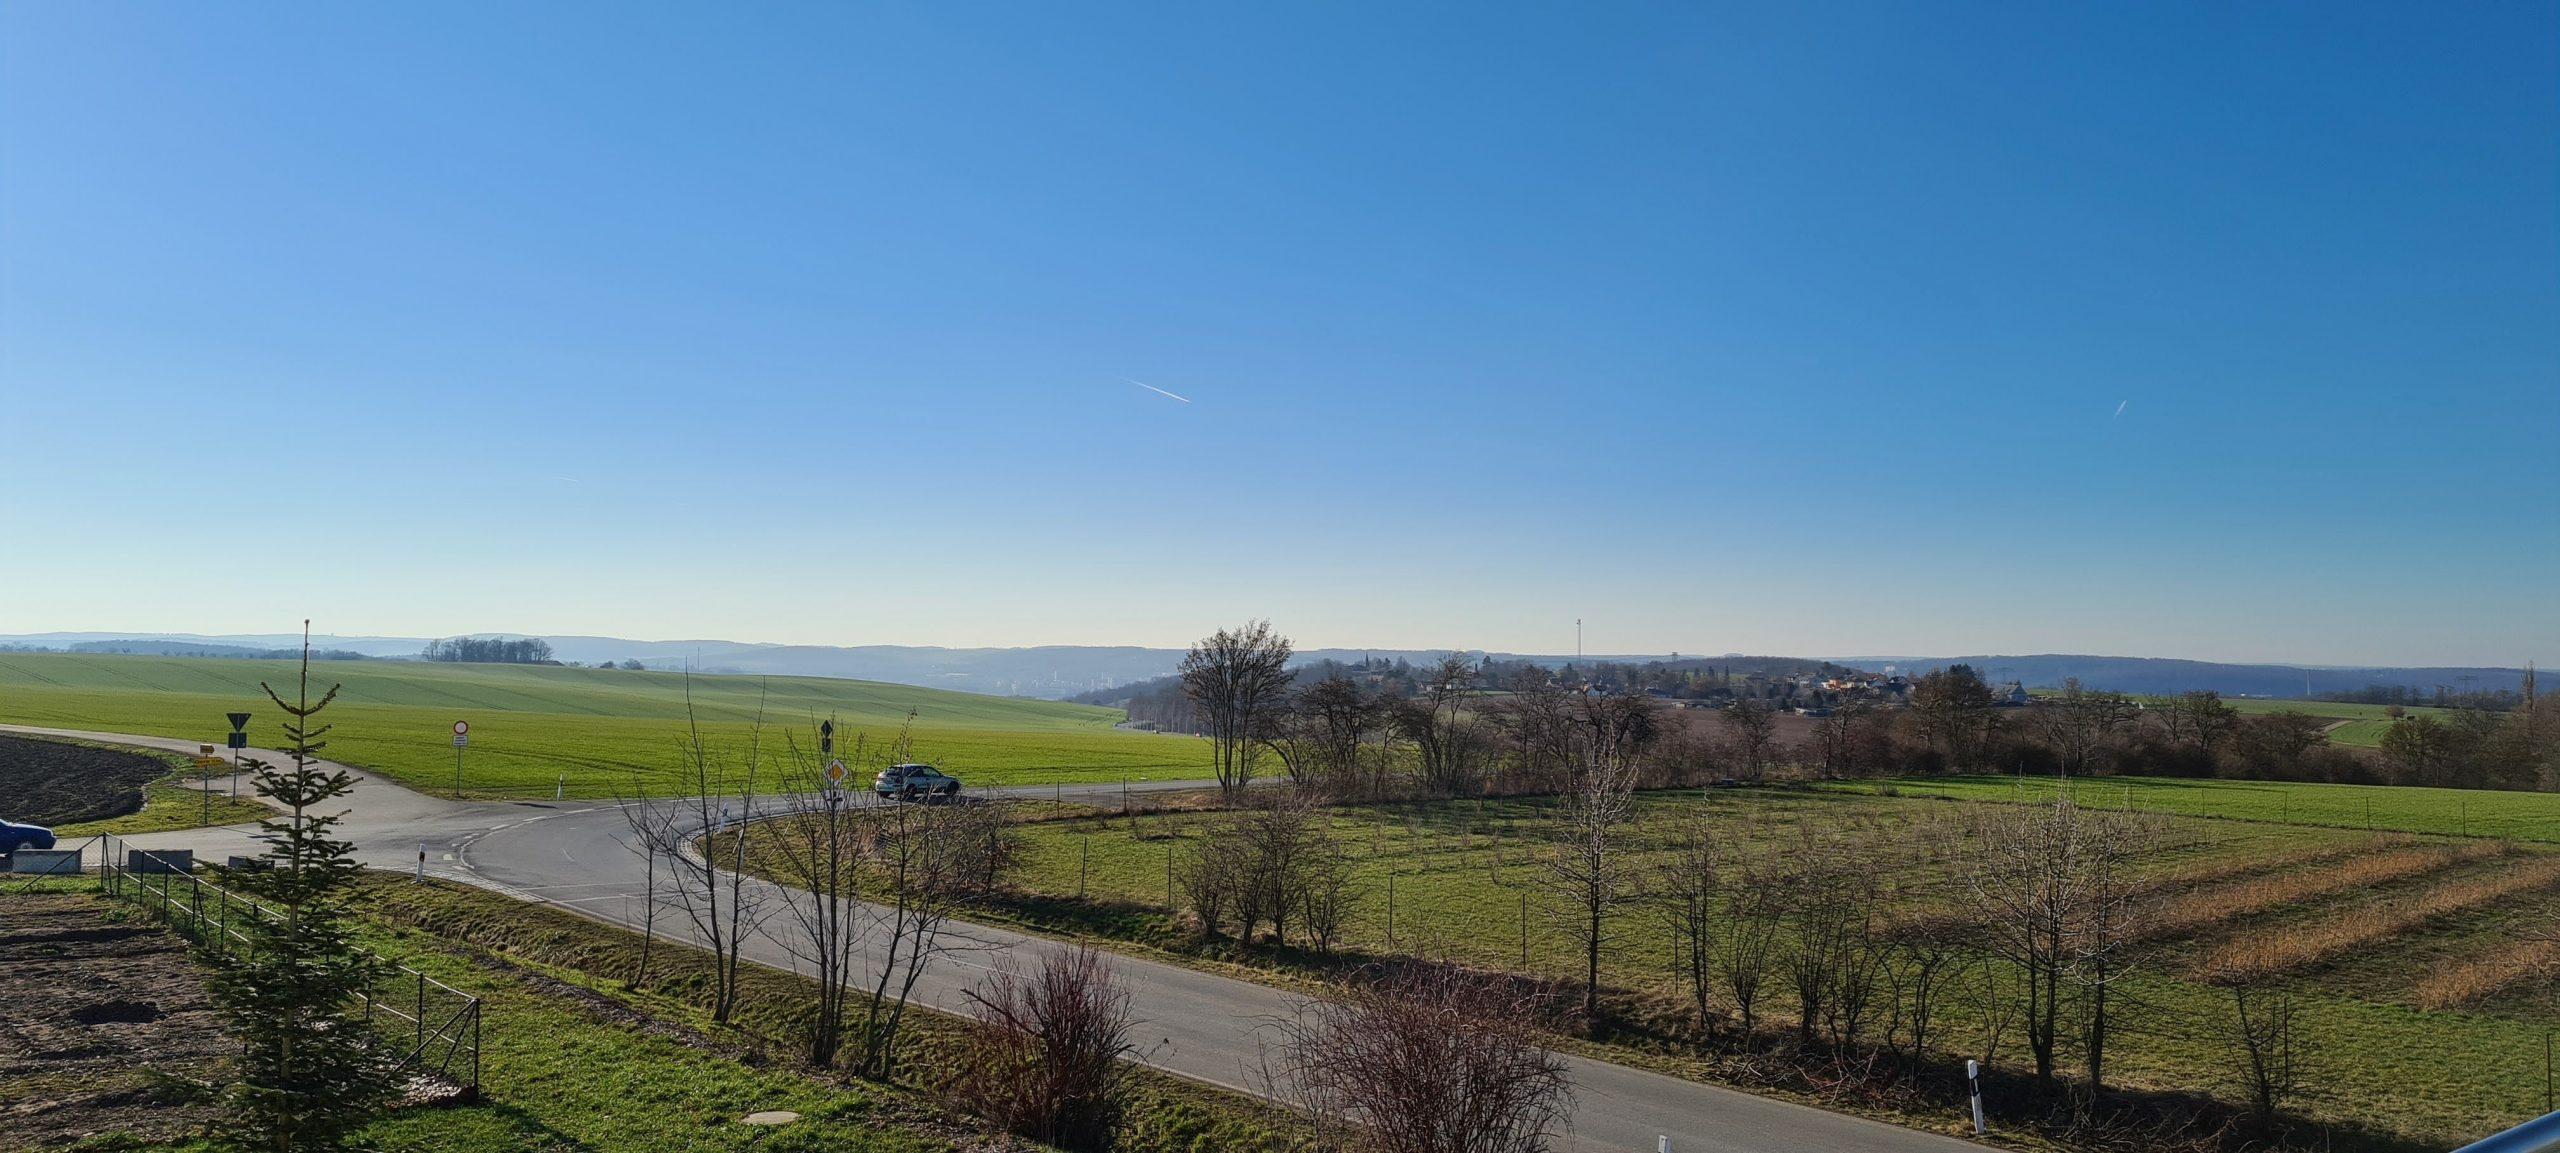 Direkt von der Agrargenossenschaft Kauern aus kann man auf Gera schauen. (Foto: Sven Wernicke)